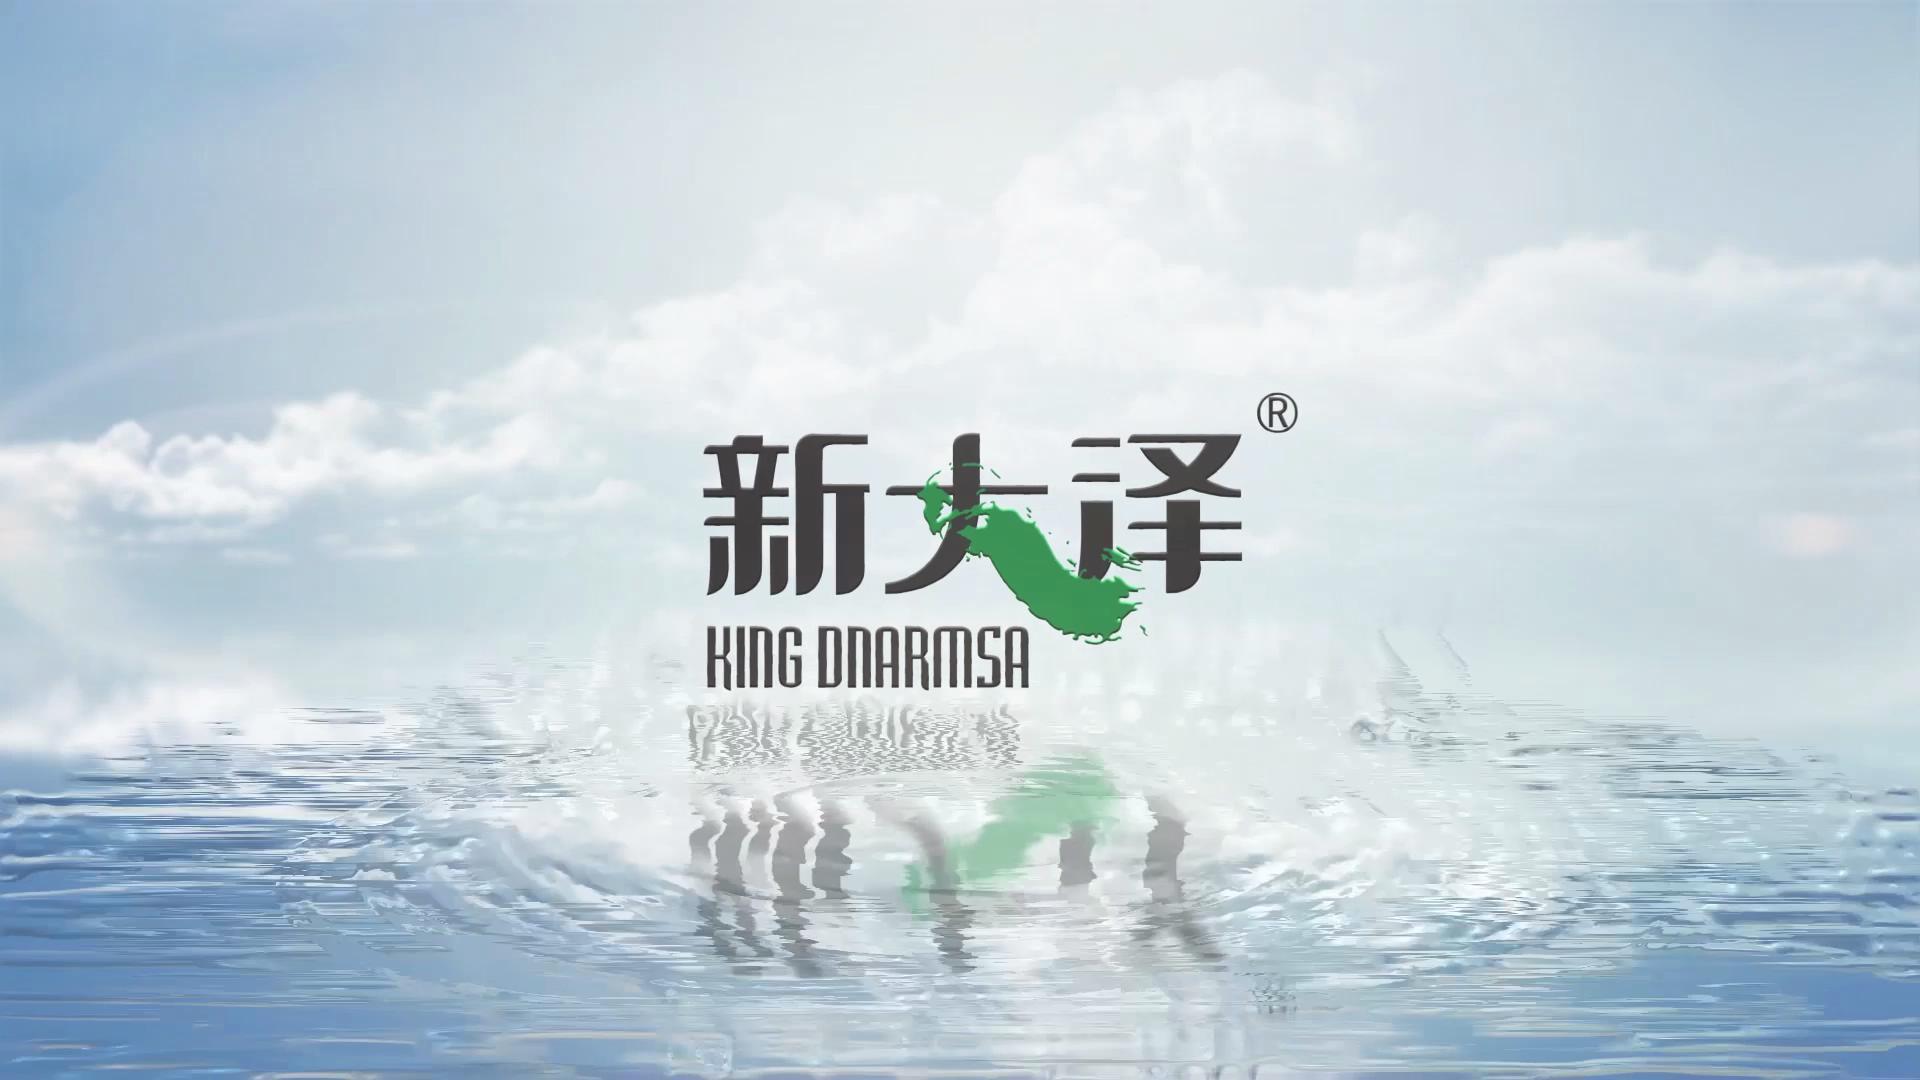 ���徏新大泽螺旋藻宣传�? class=